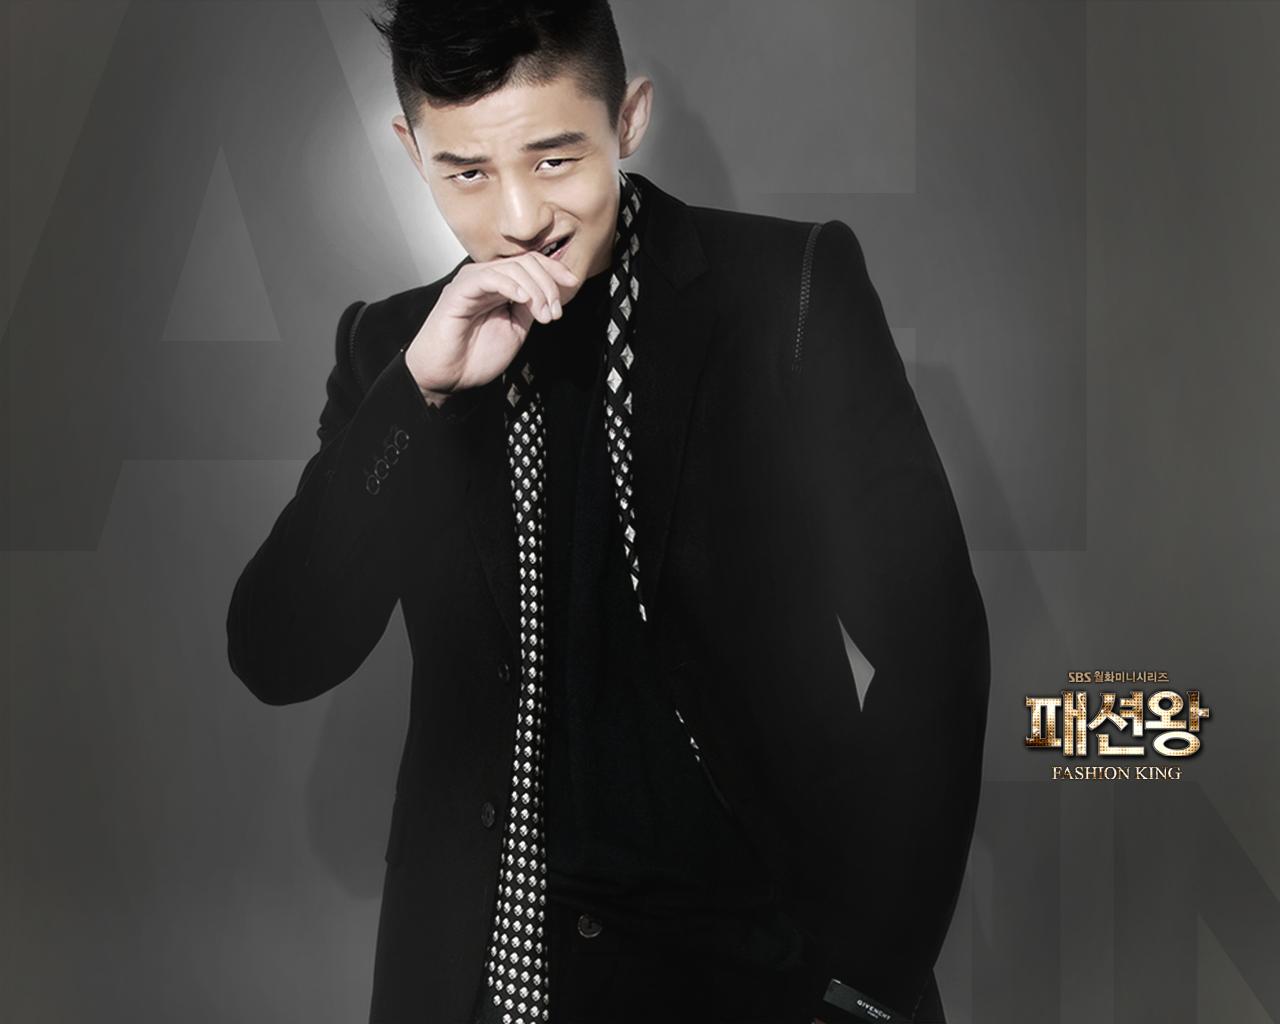 Pendapat yoo ah in tentang fashion king